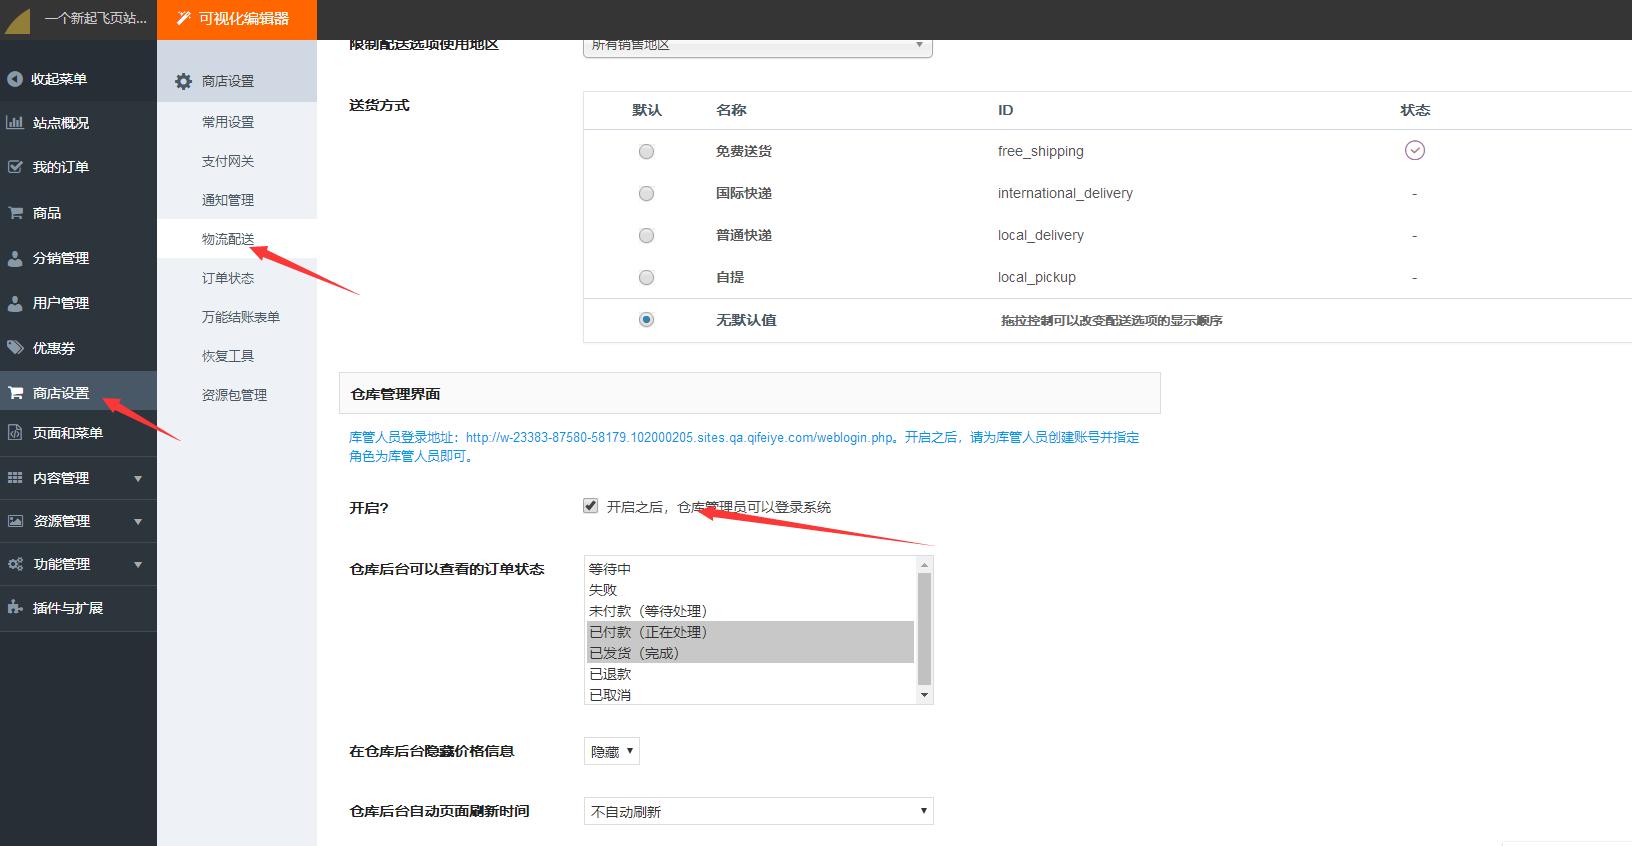 好看企业网站源码(大气宽屏网站模板企业源码带后台) (https://www.oilcn.net.cn/) 网站运营 第1张